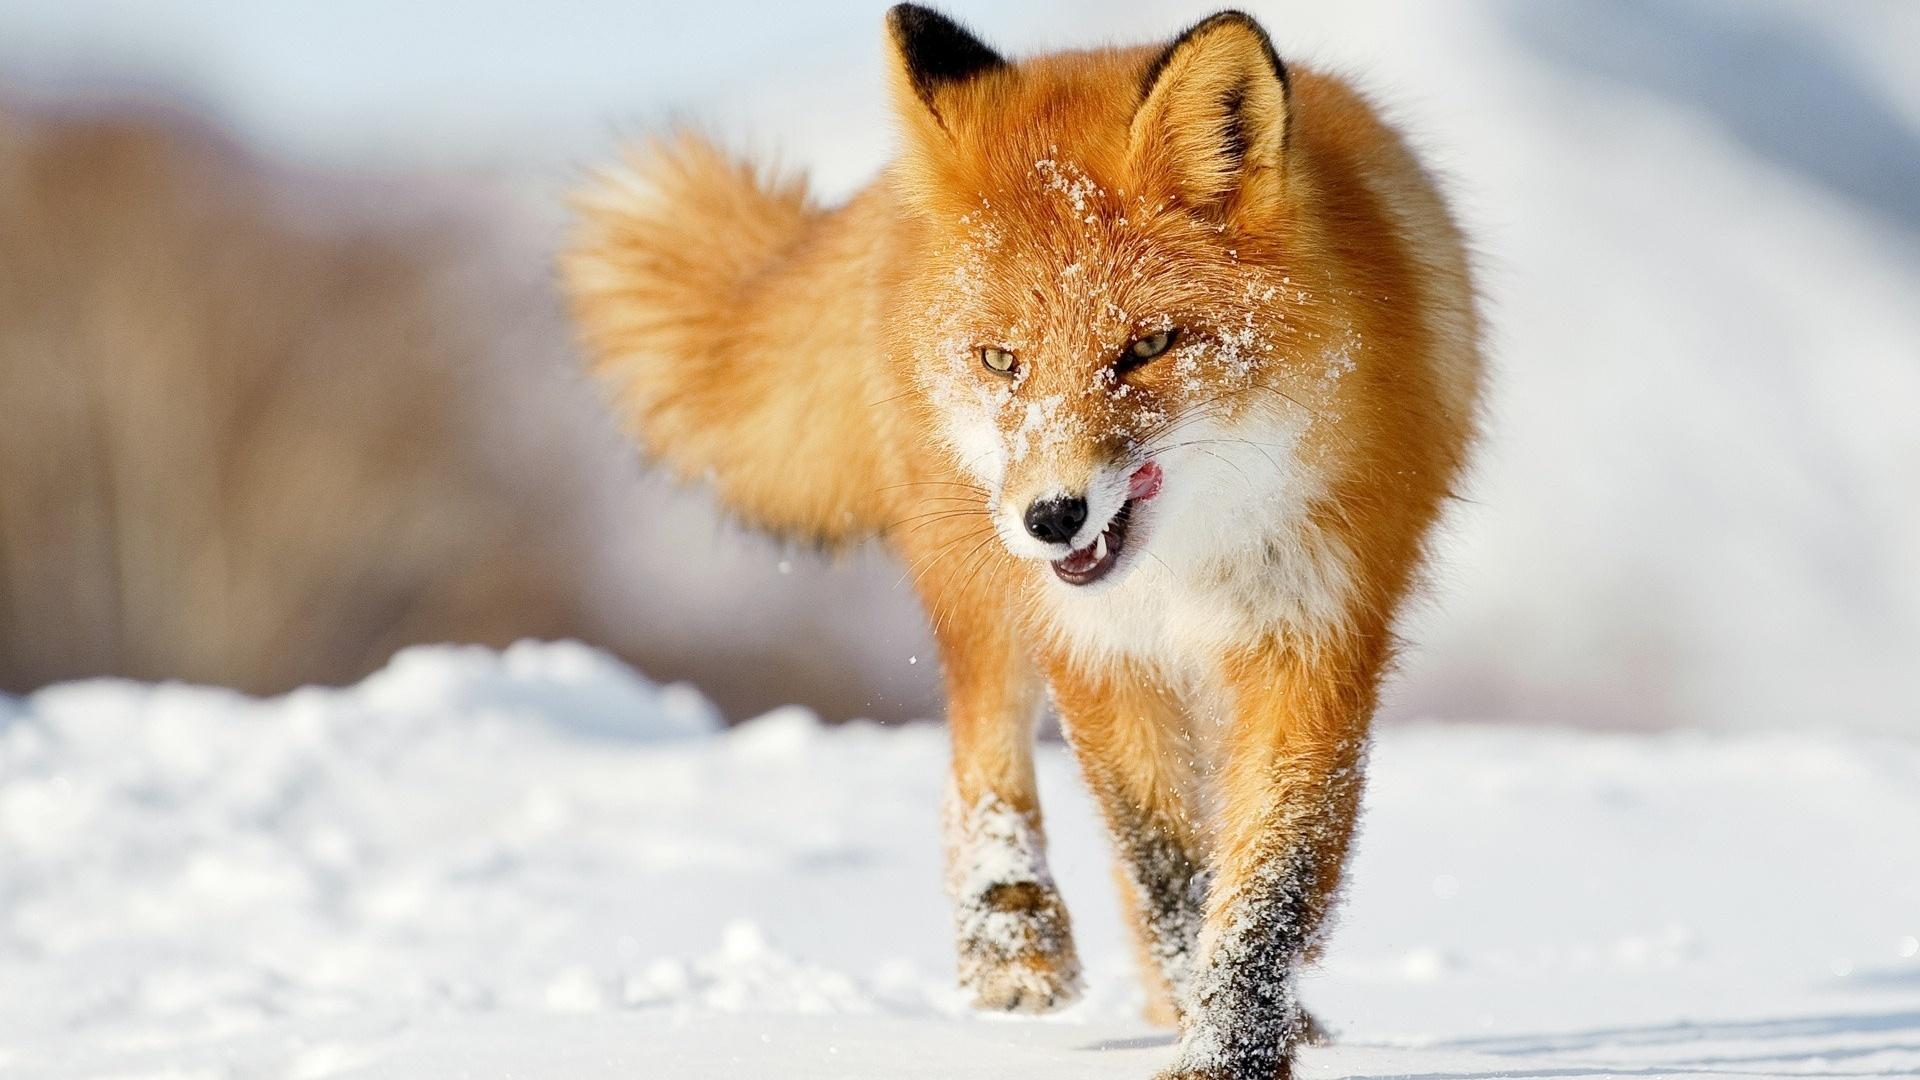 10 Top Cute Wild Animal Wallpaper Full Hd 1080p For Pc: Ein Fuchs Im Winter Schnee 1920x1200 HD Hintergrundbilder